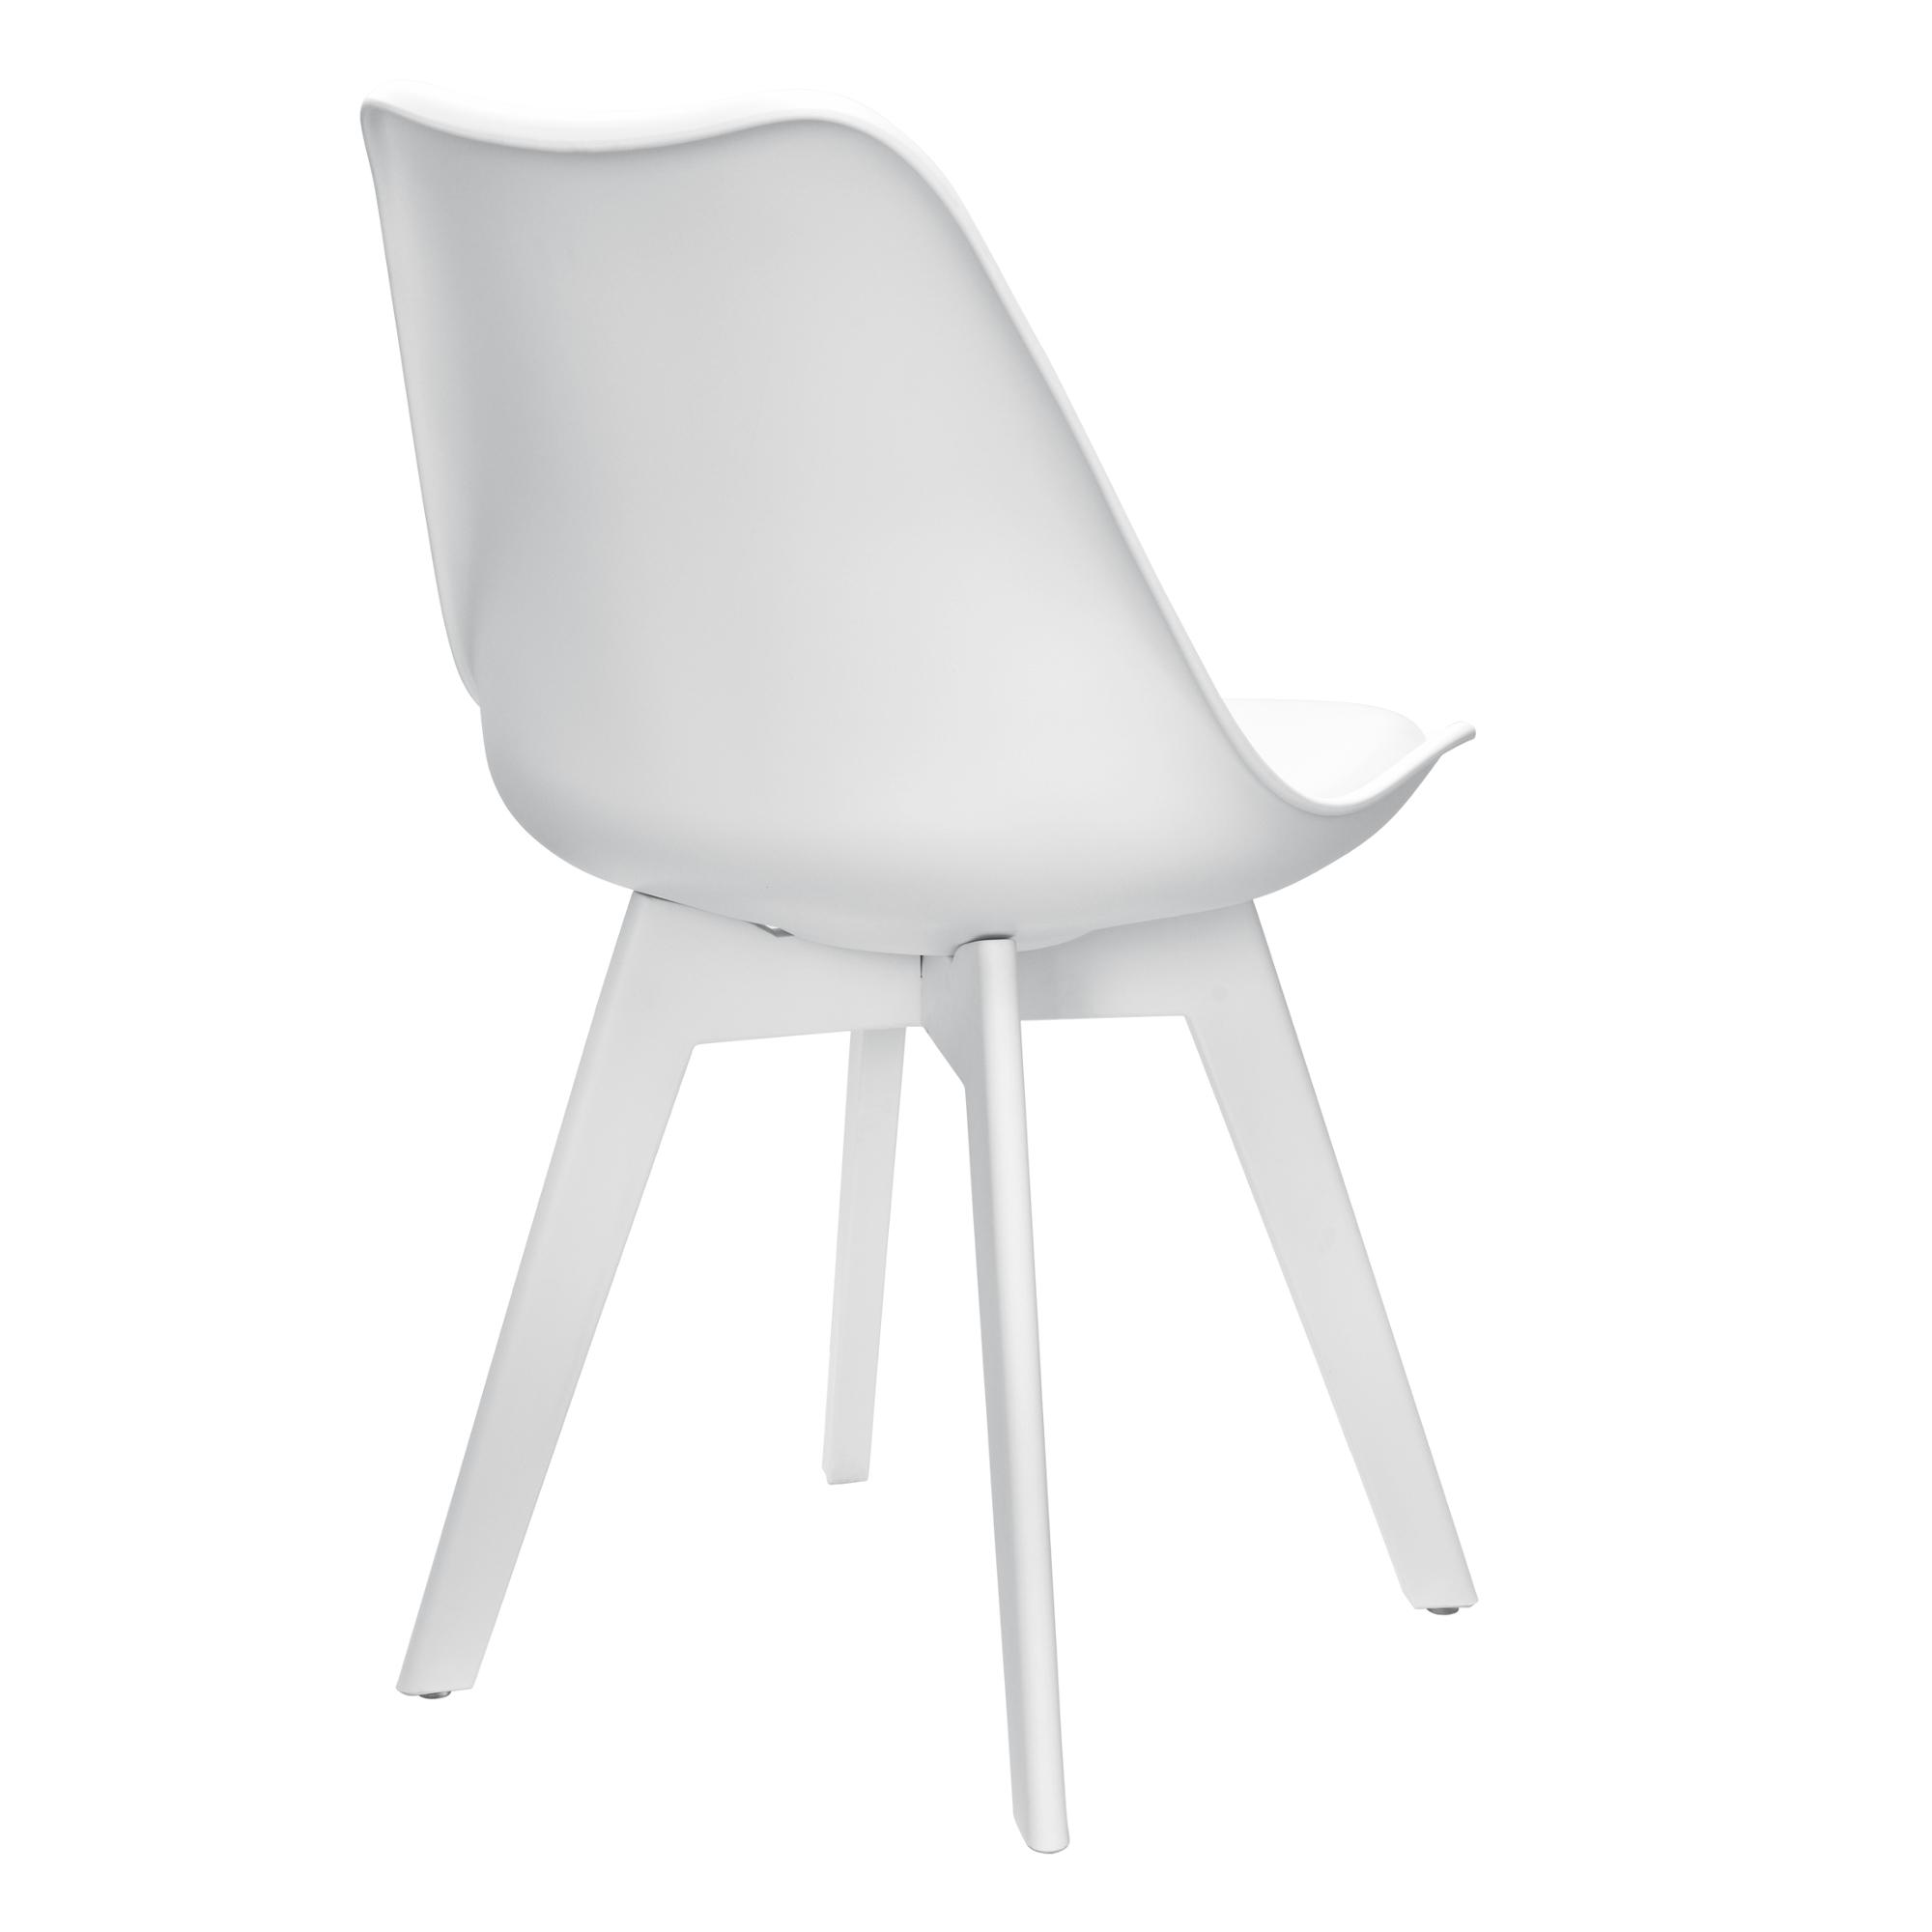 2x design st hle esszimmer wei stuhl kunststoff kunst leder stuhl set ebay. Black Bedroom Furniture Sets. Home Design Ideas